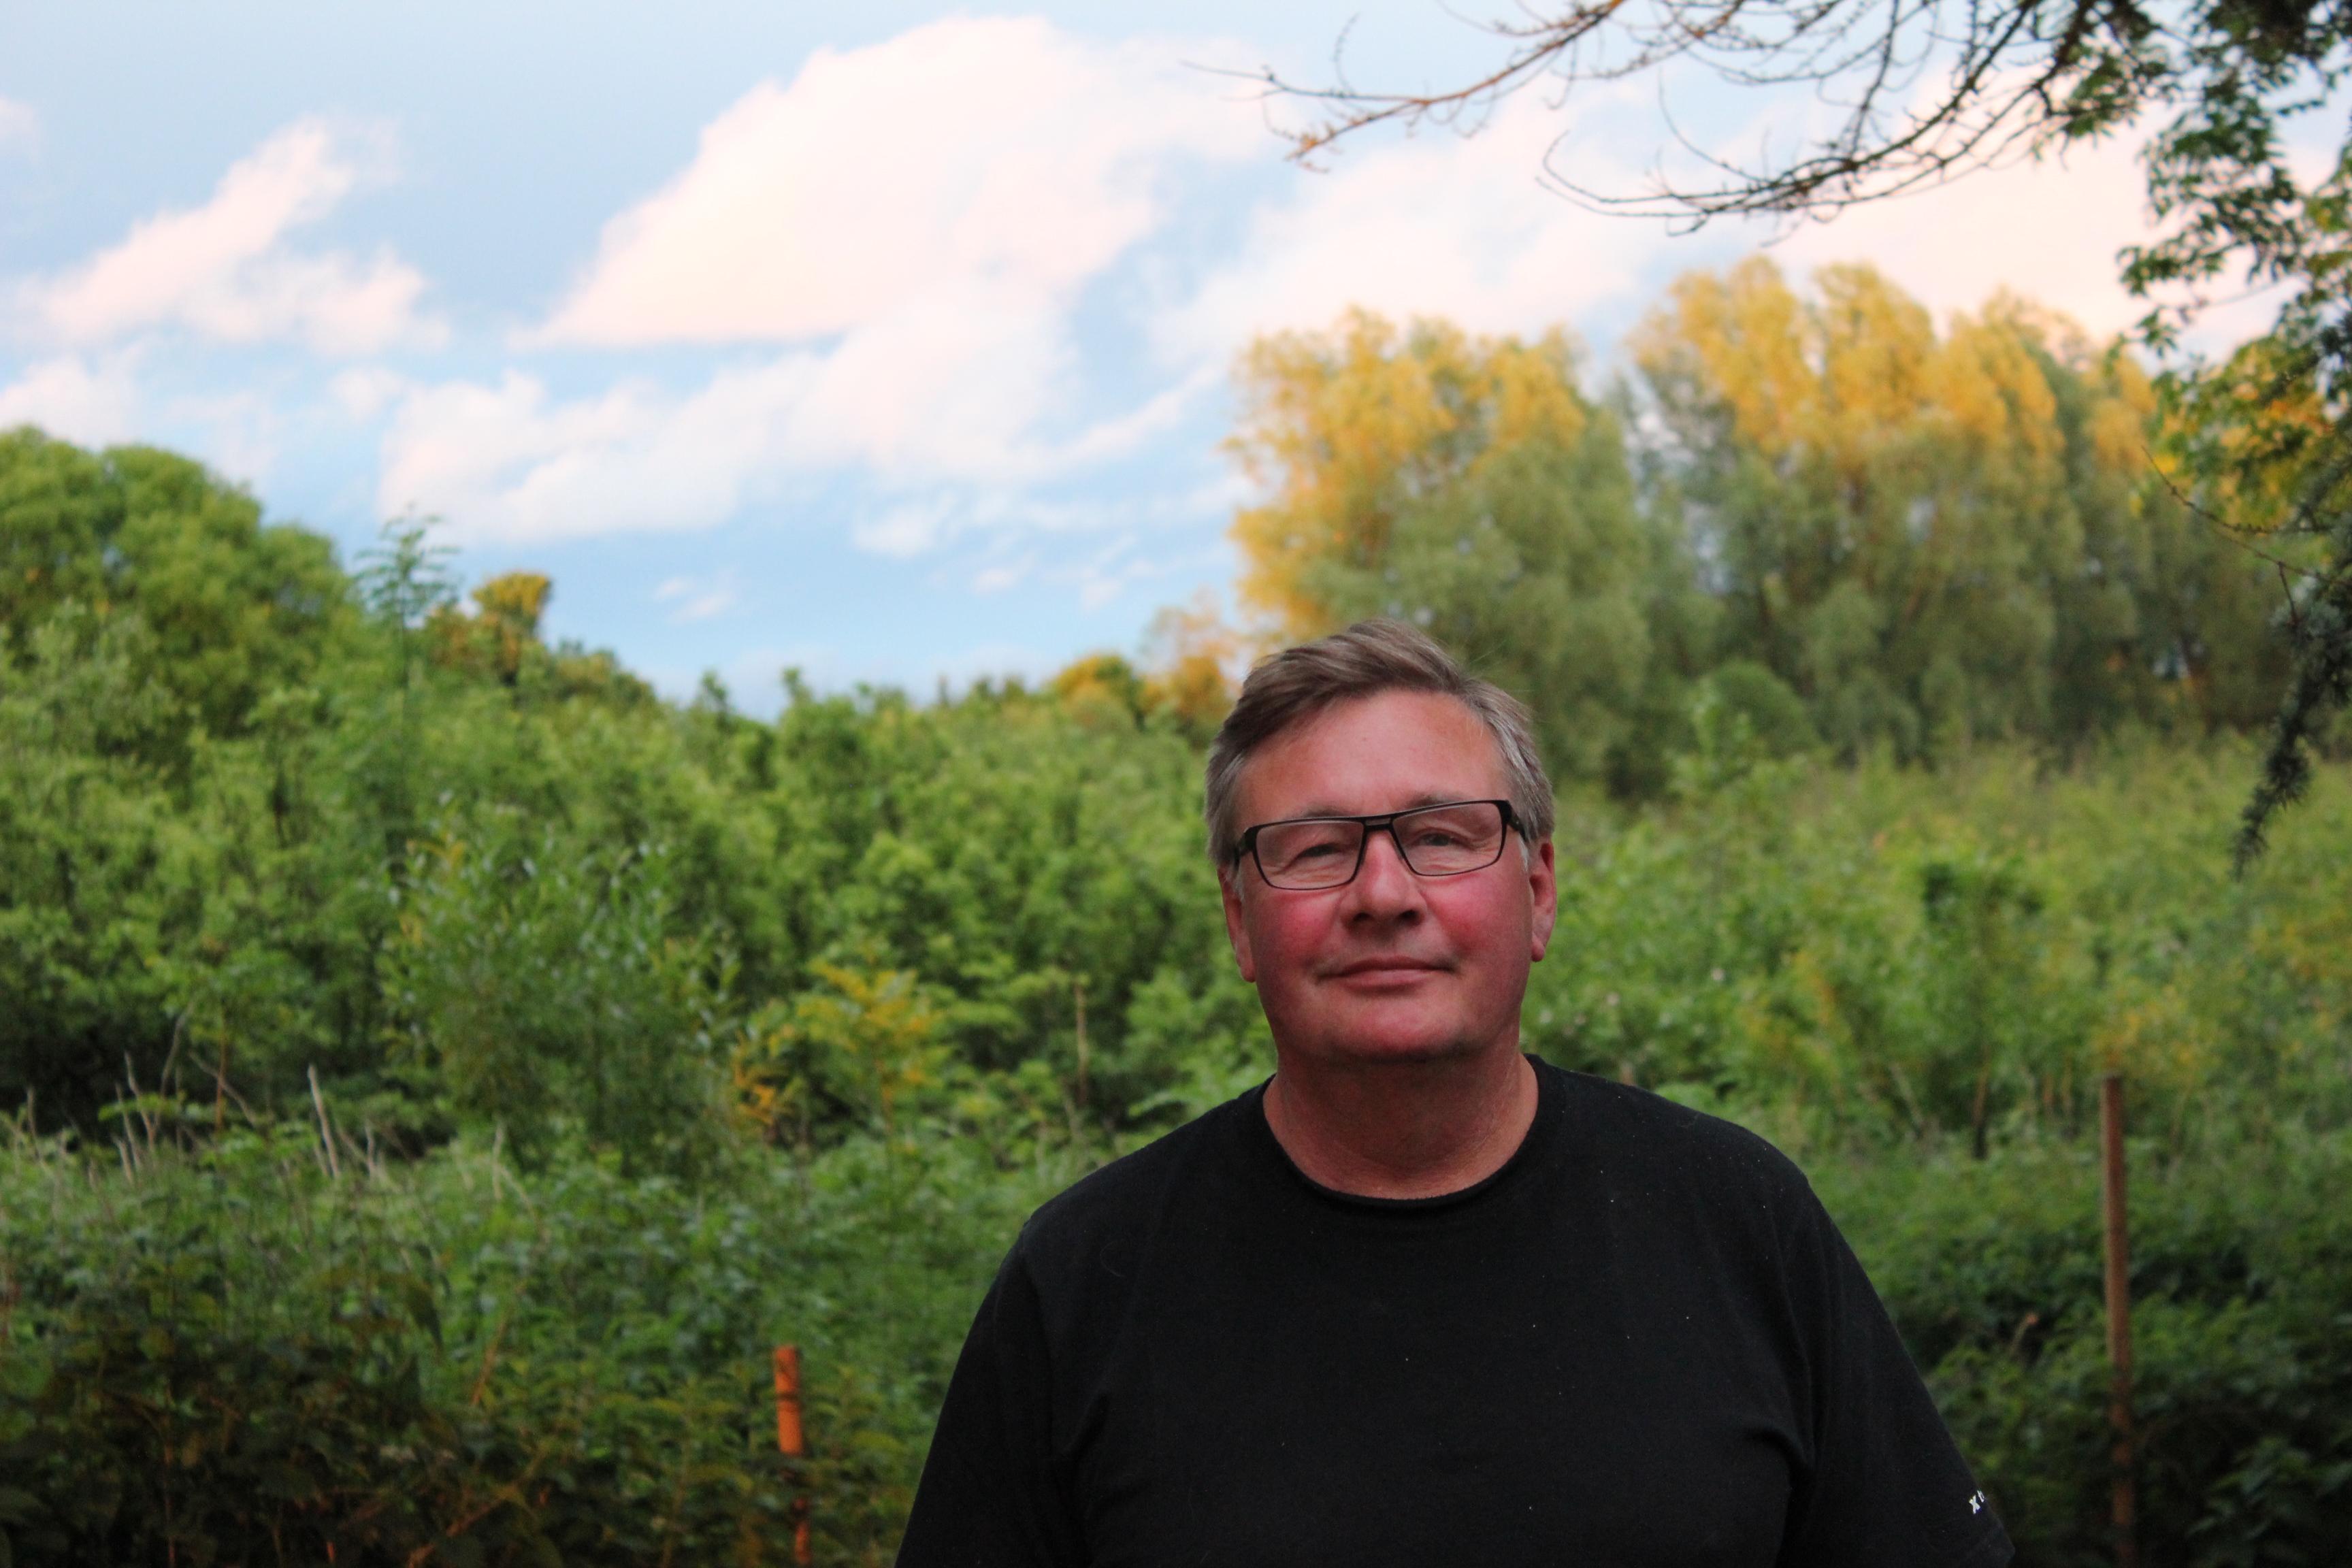 Kennel NEWLUCK Henrik Frisenette-Fic